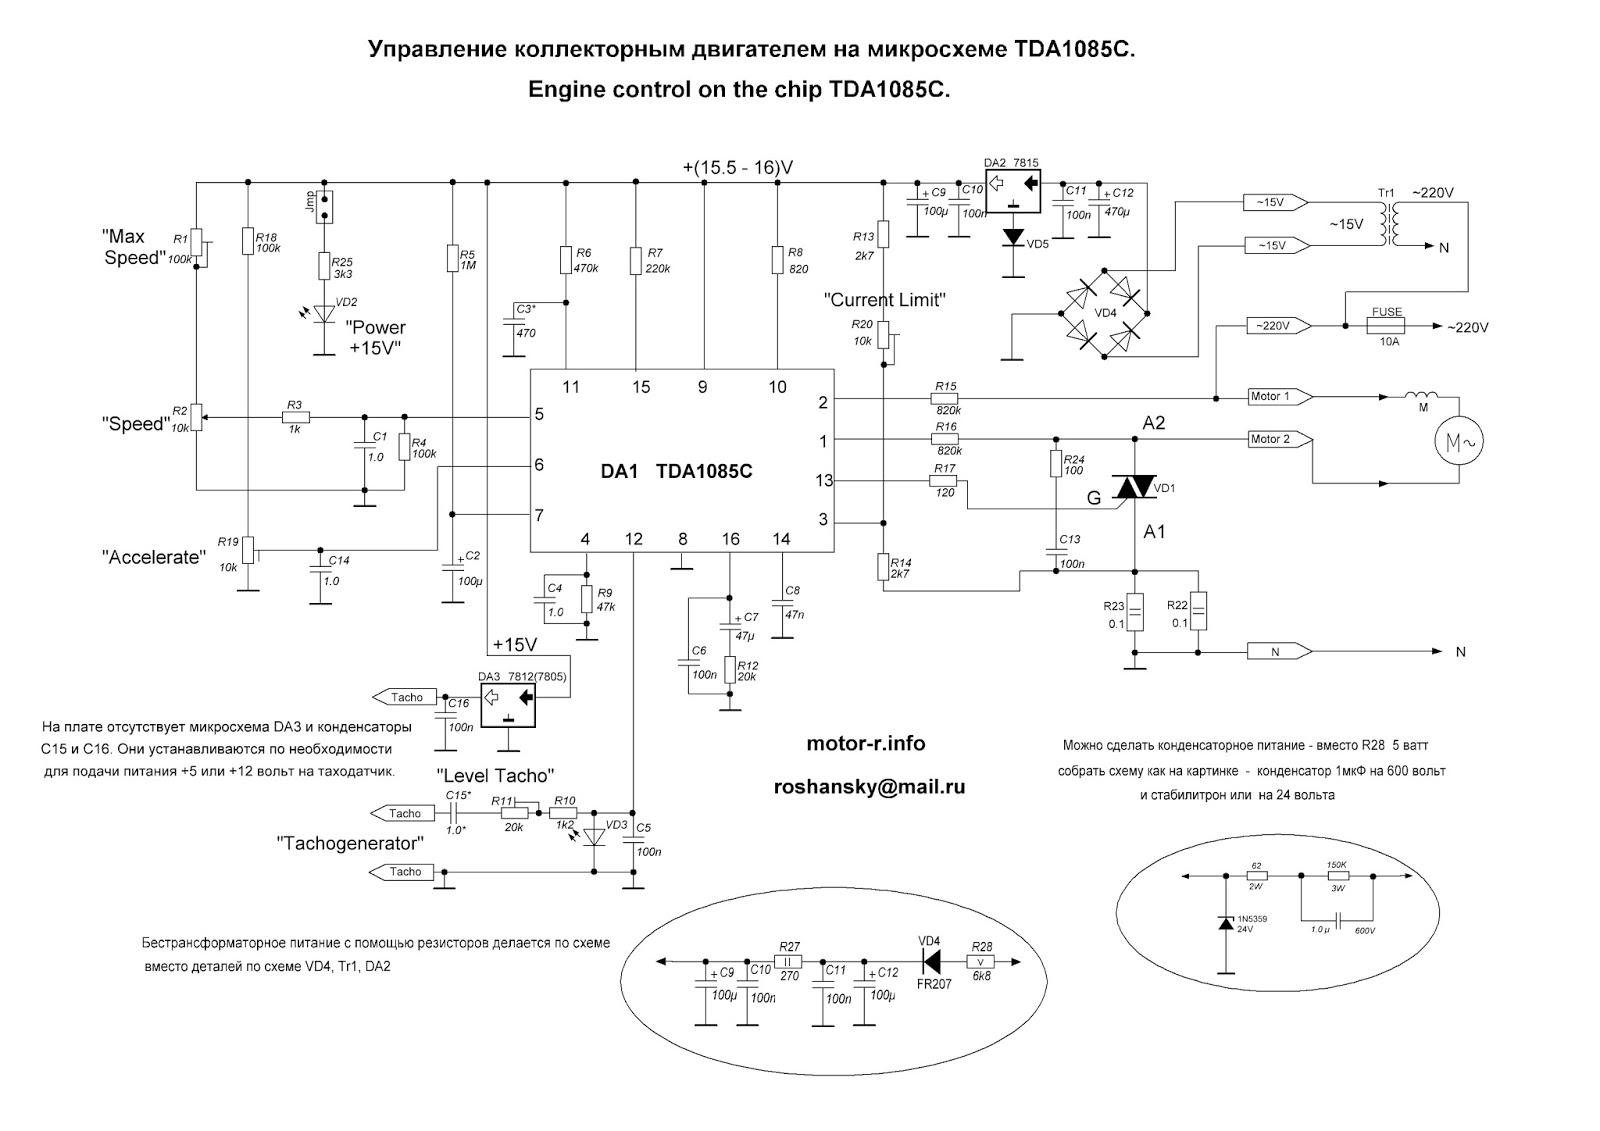 Регулятор оборотов на tda1085 схема фото 416